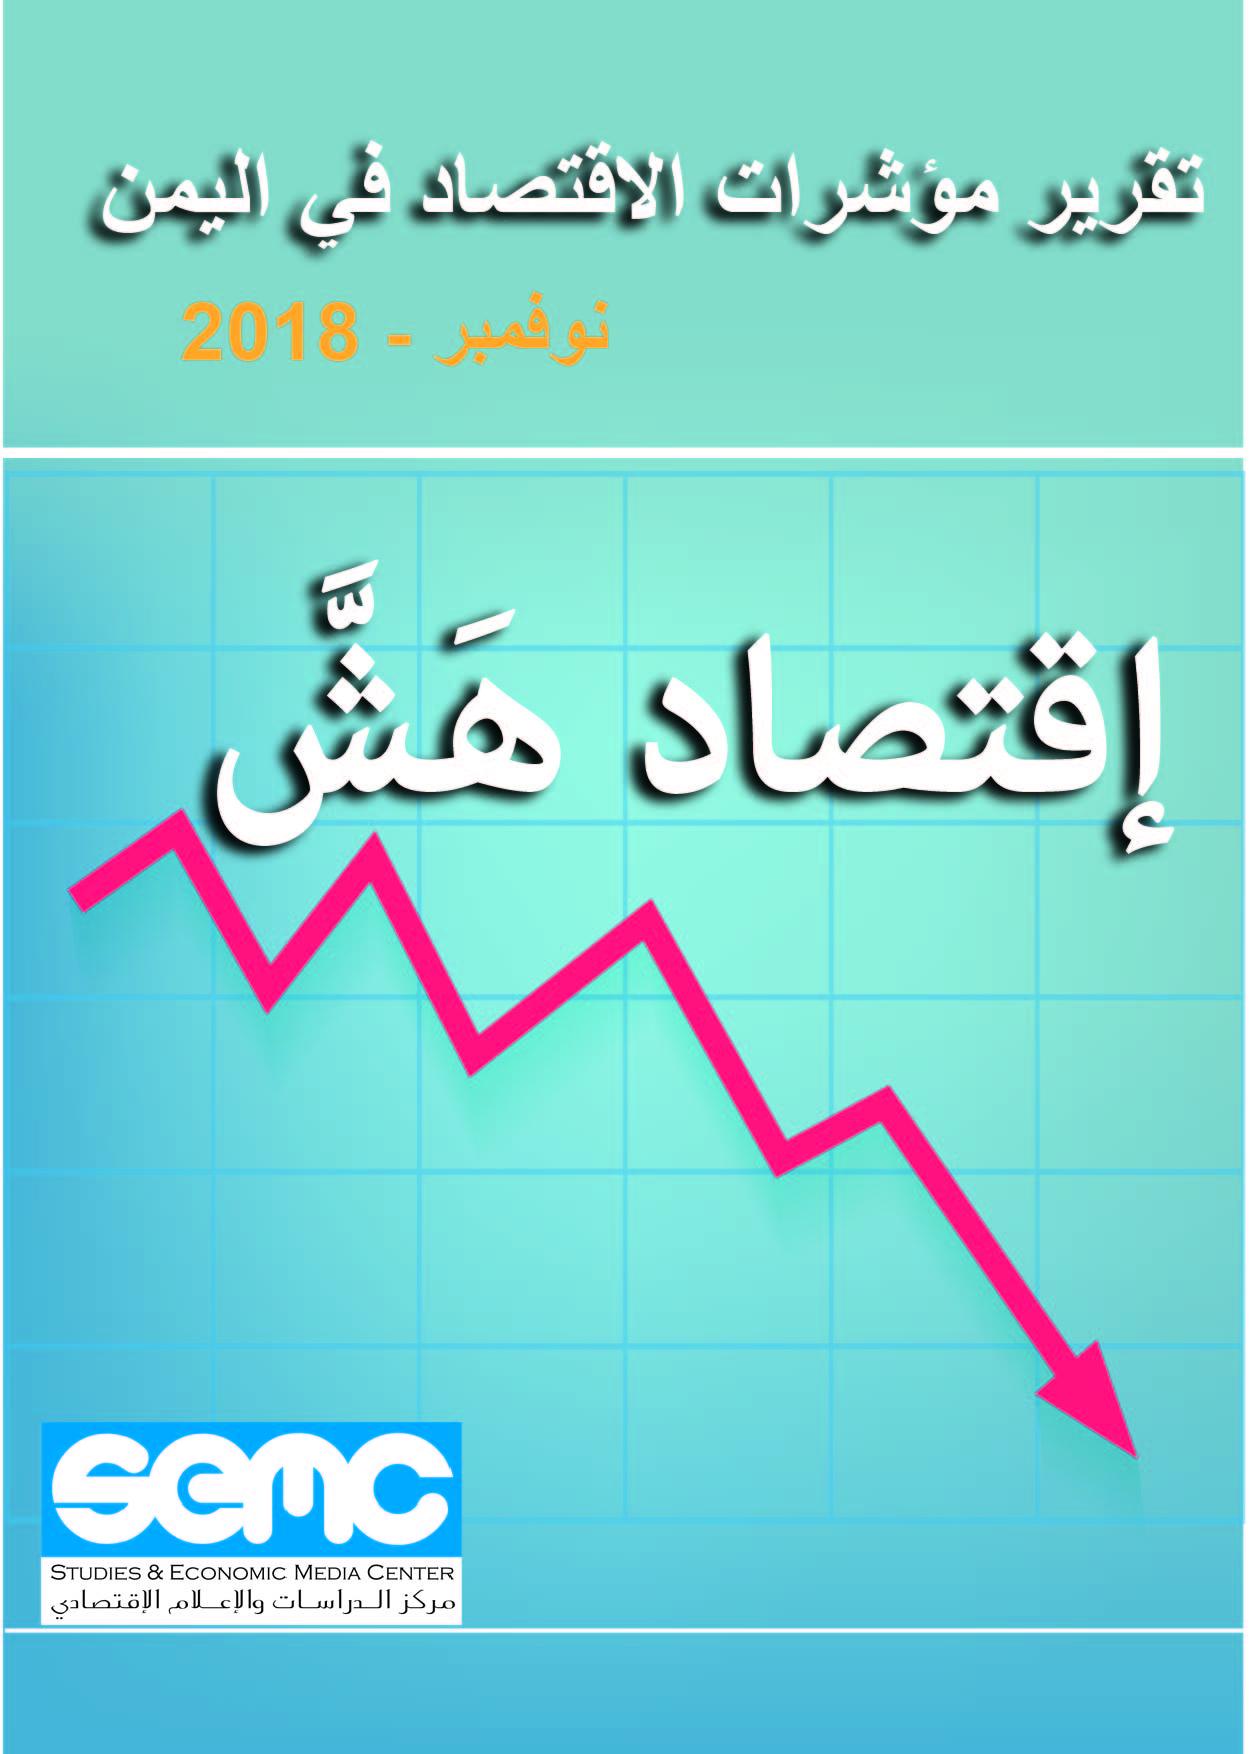 تقرير مؤشرات الاقتصاد في اليمن – نوفمبر 2018